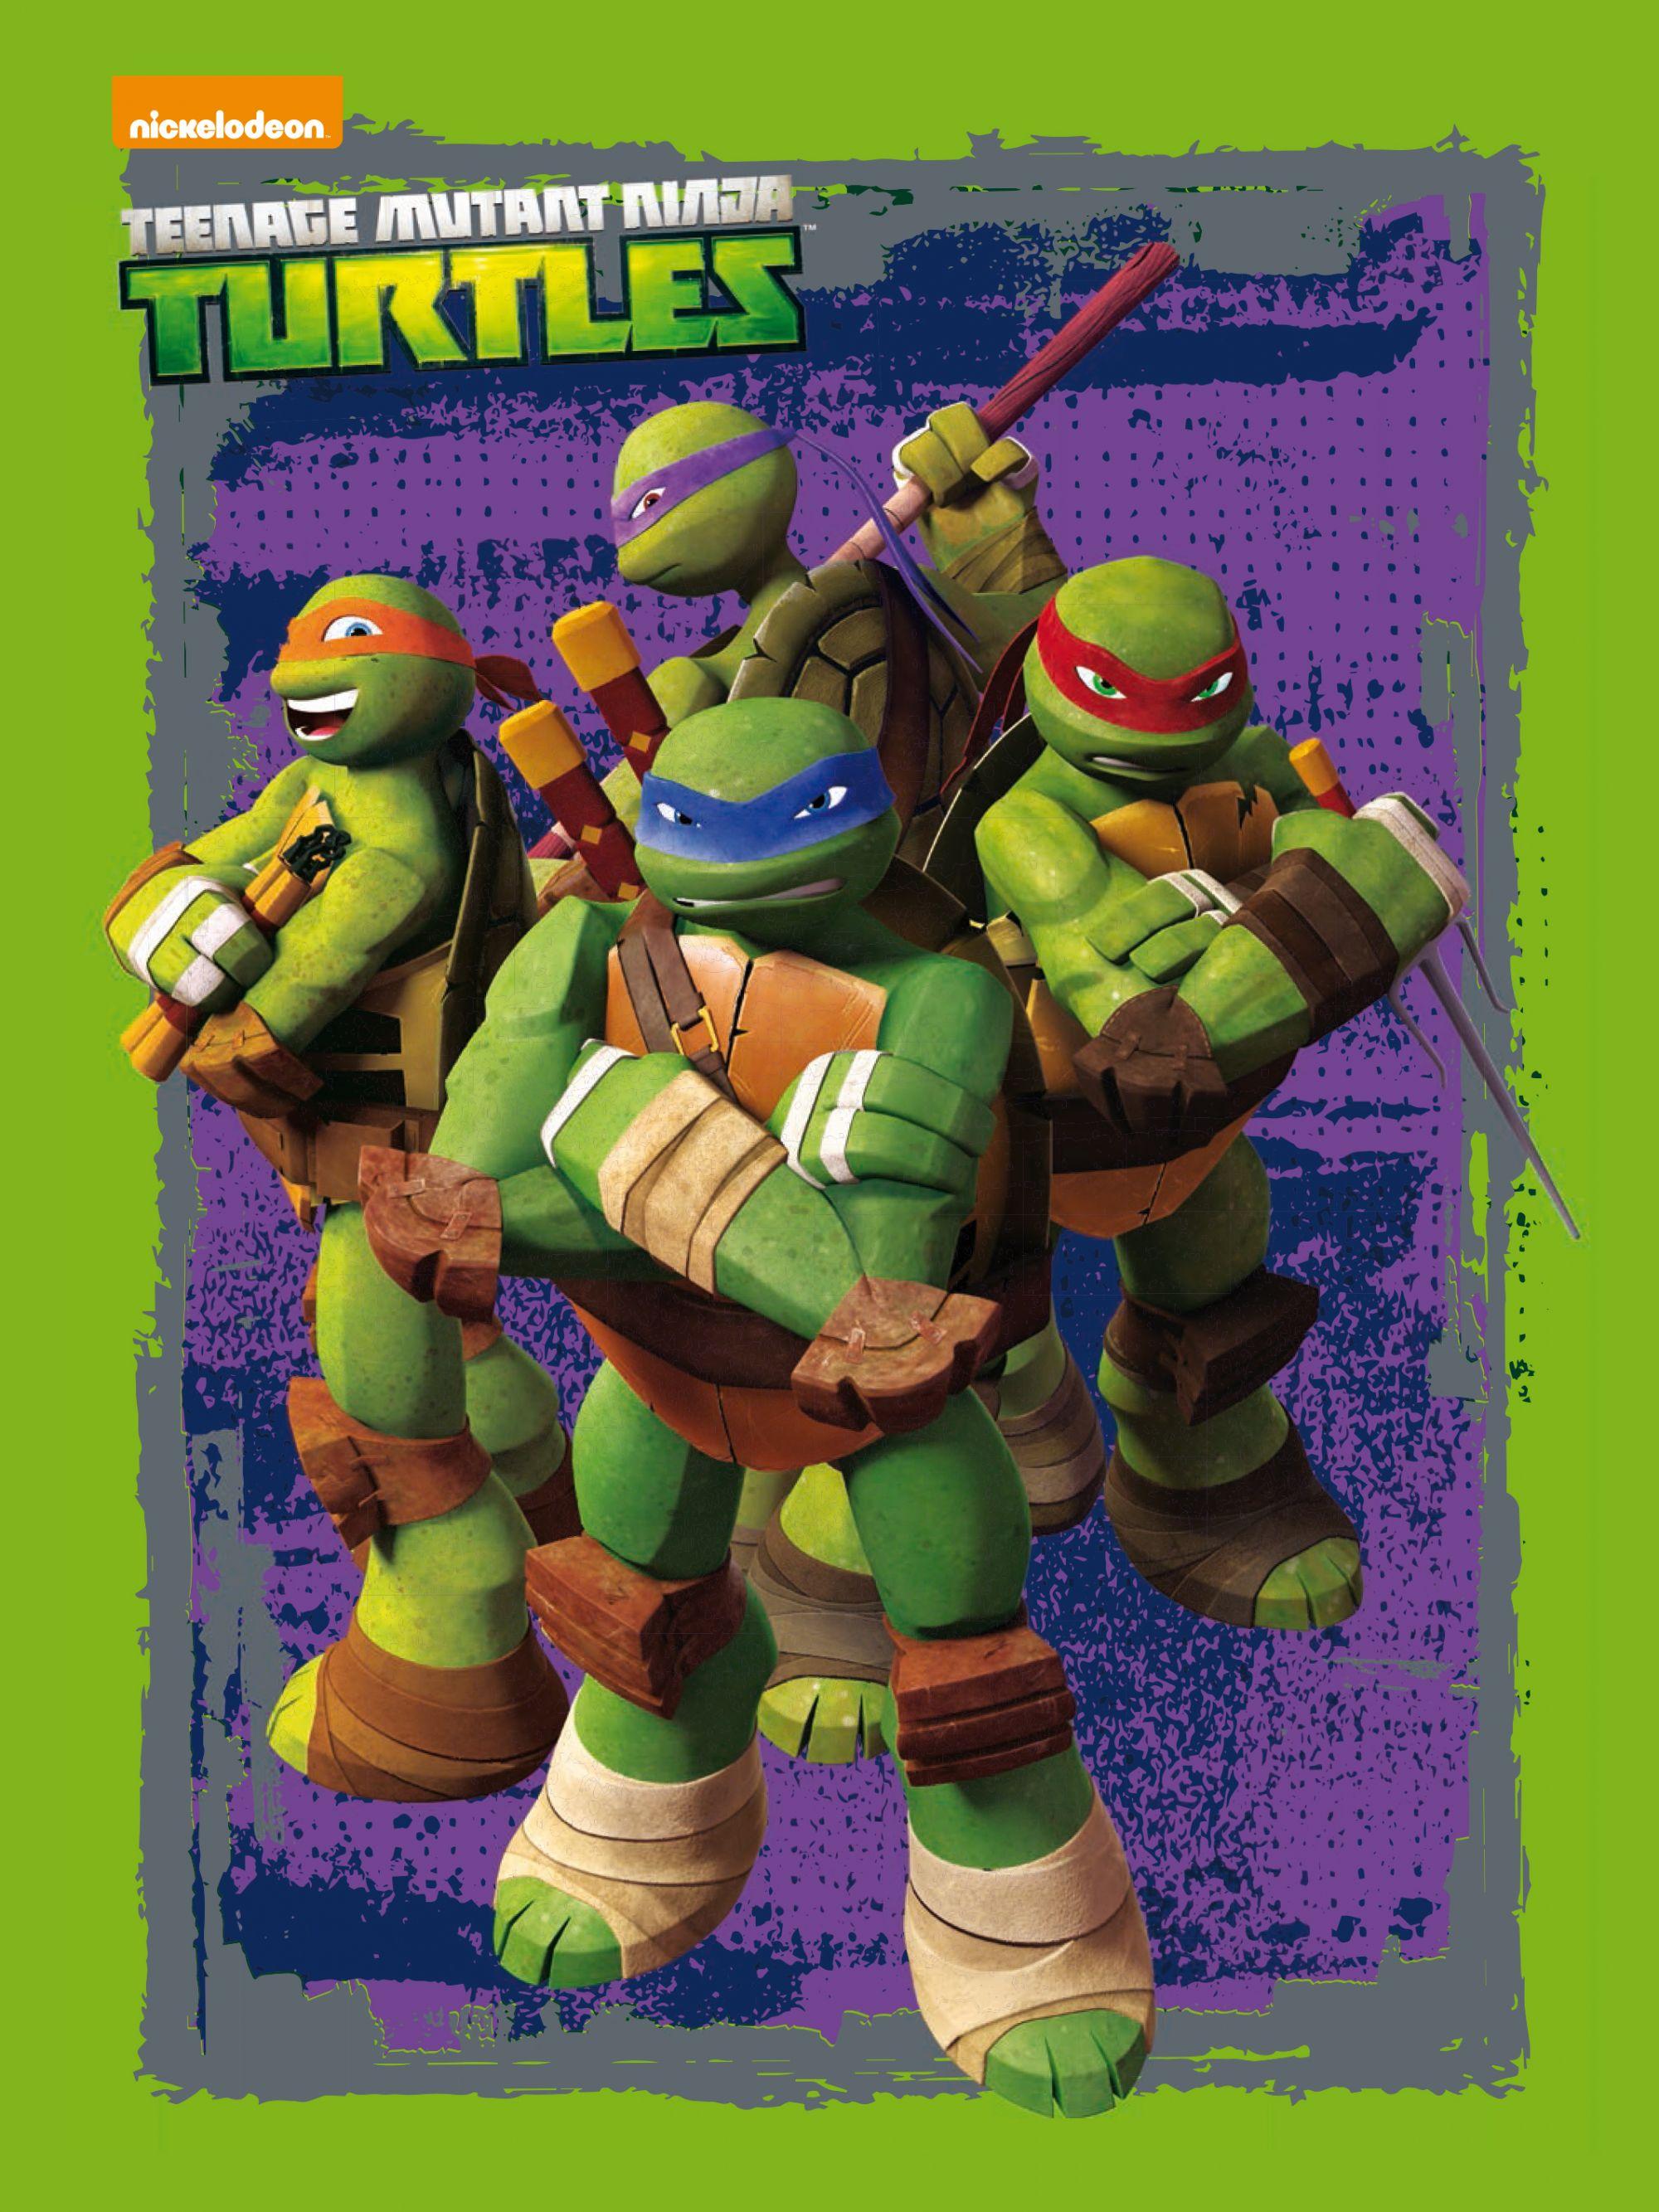 Moderno Adolescente Mutantes Tortugas Ninja Páginas En Color ...